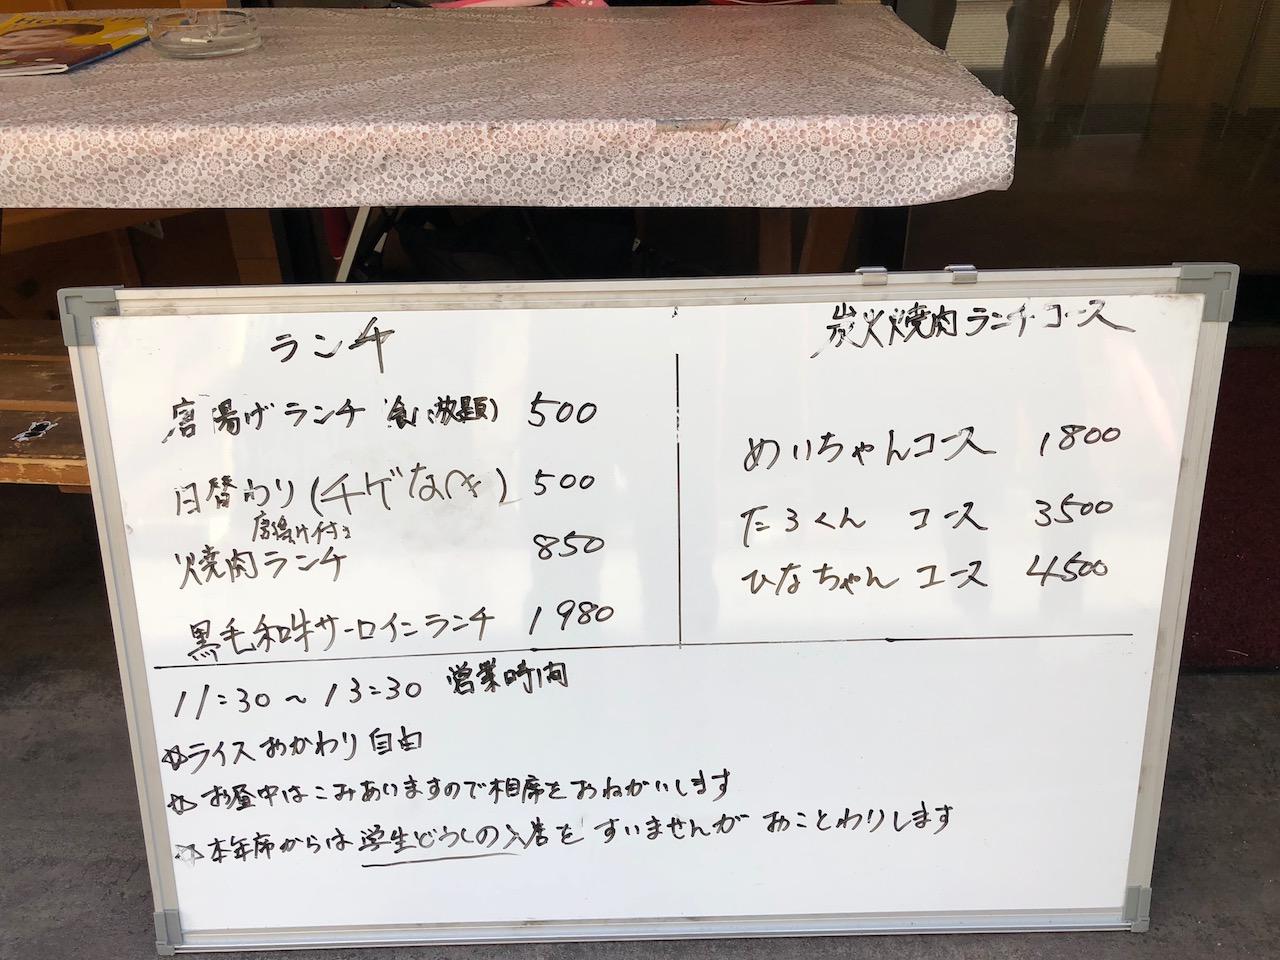 牛凪のチゲ鍋ランチがワンコインなのに美味すぎて寒い日に最高過ぎる!